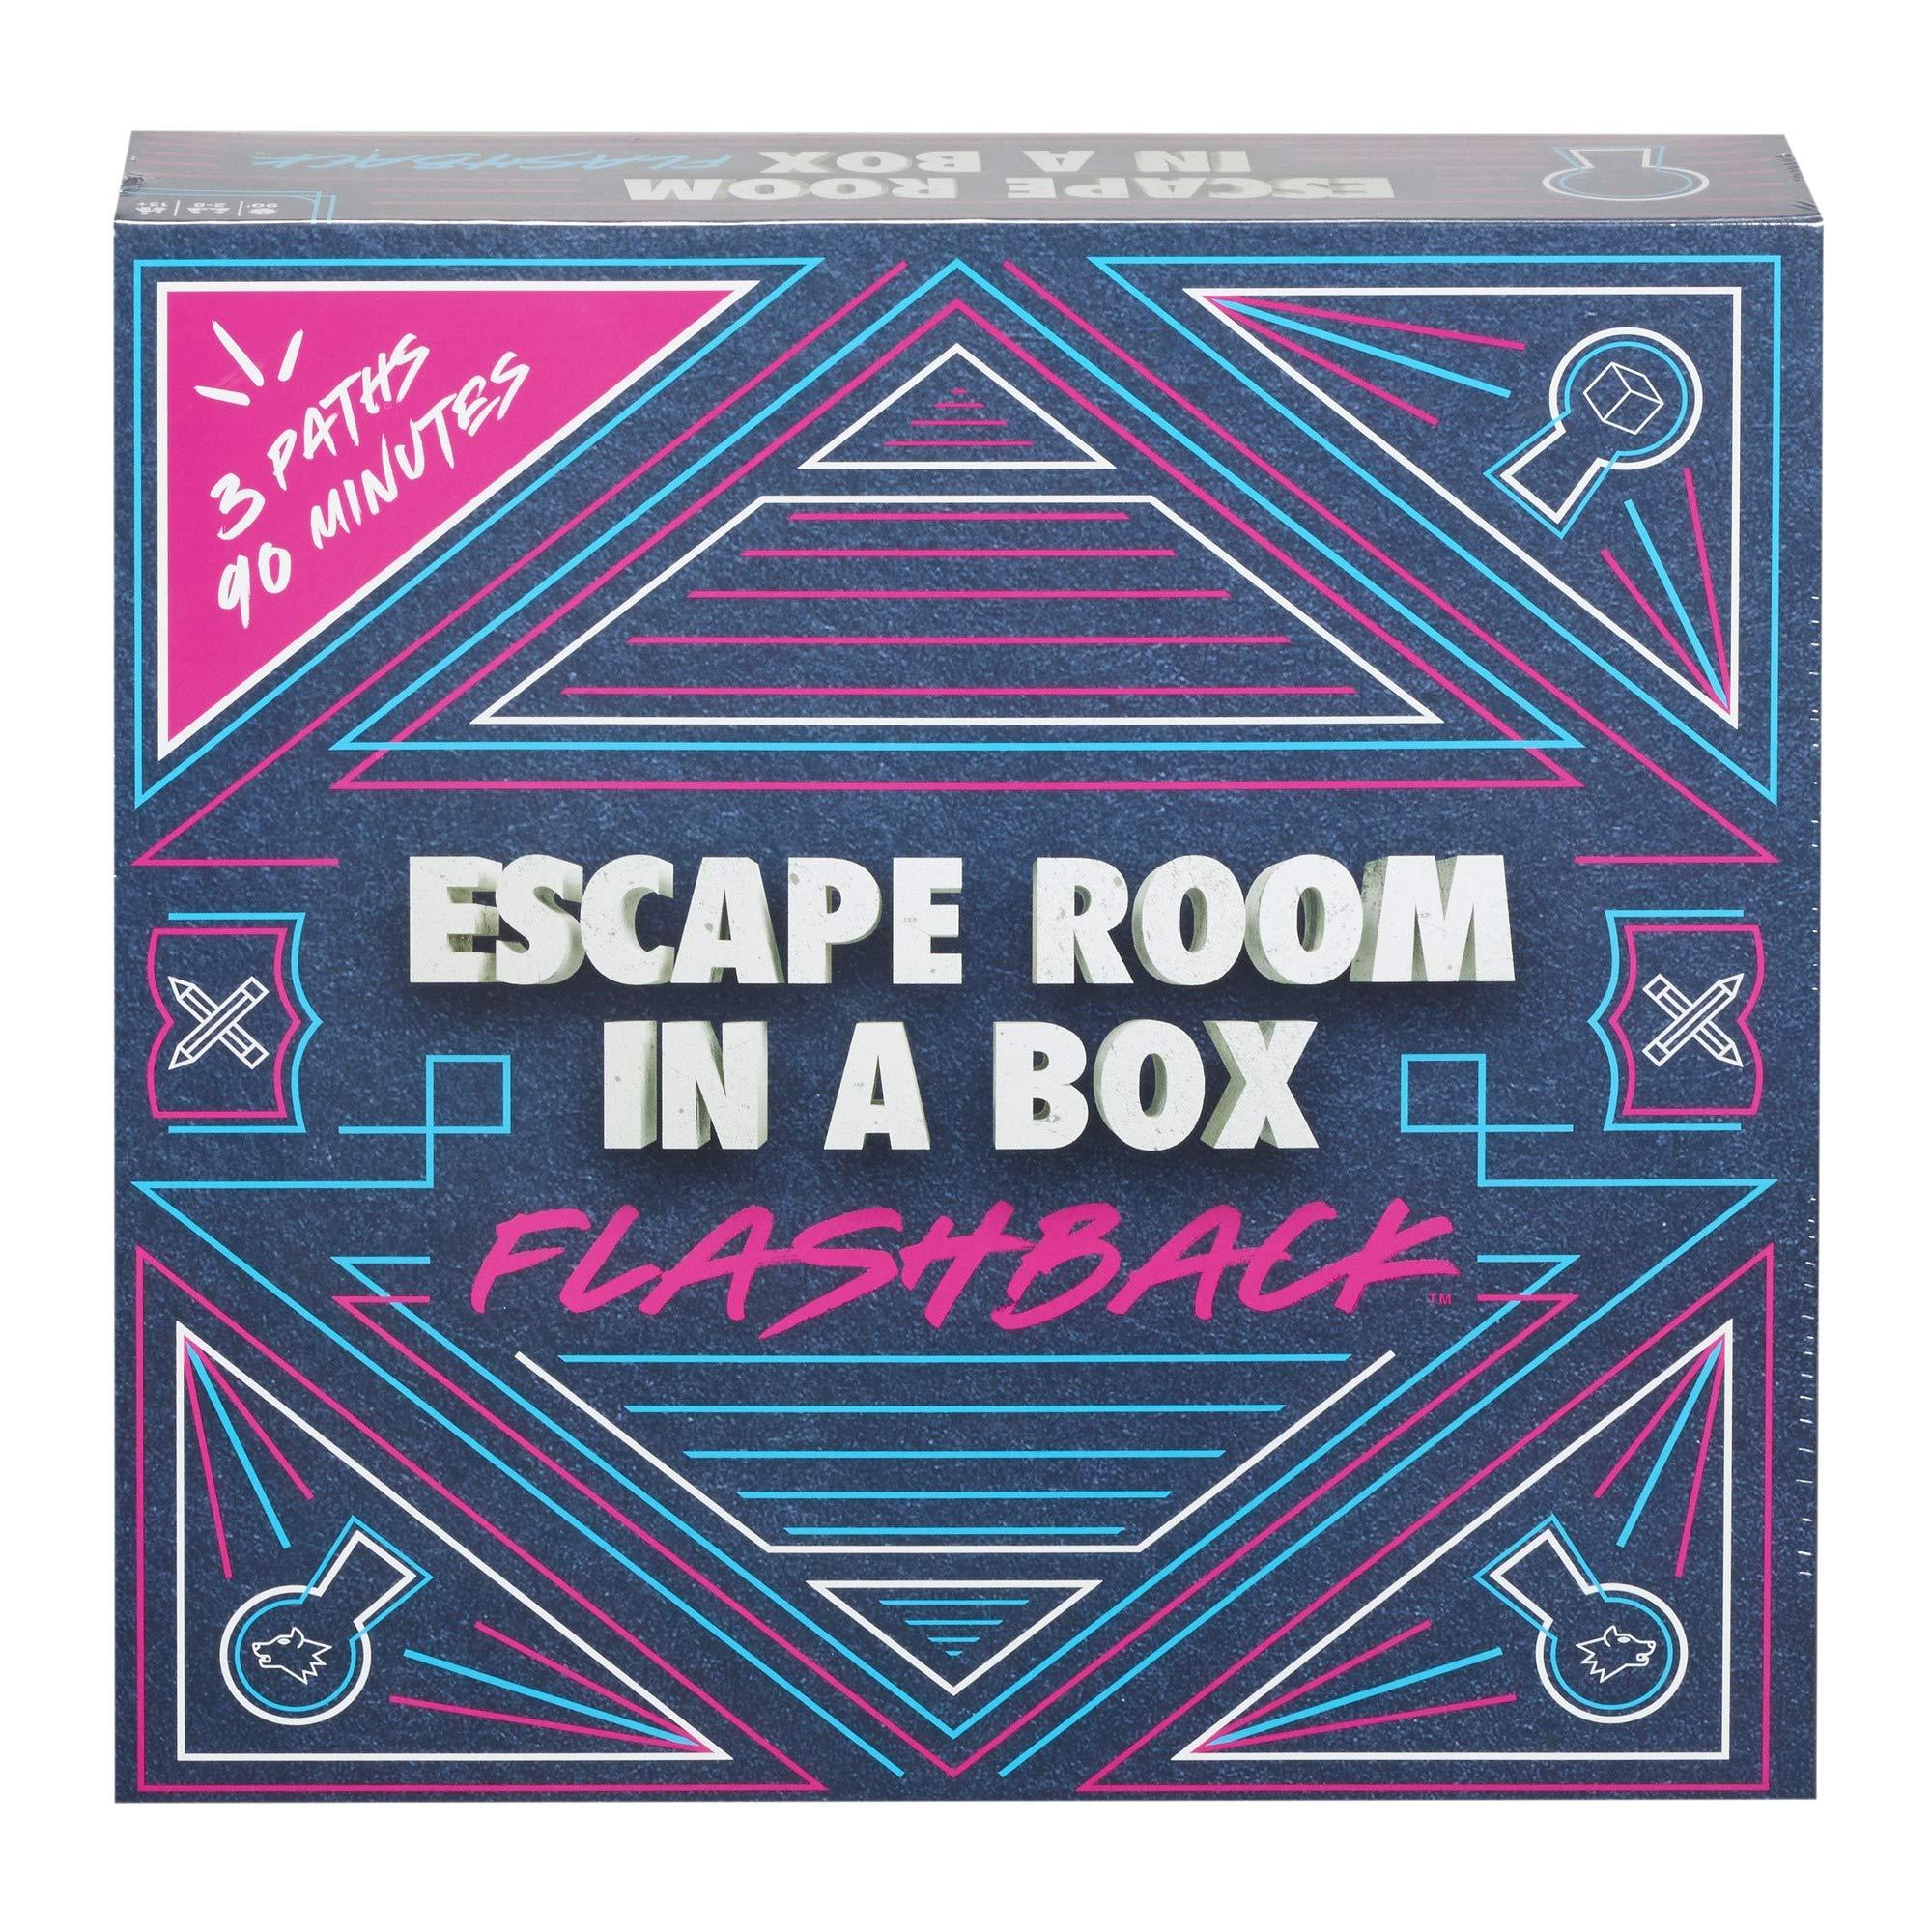 Mattel Games Escape Room Box